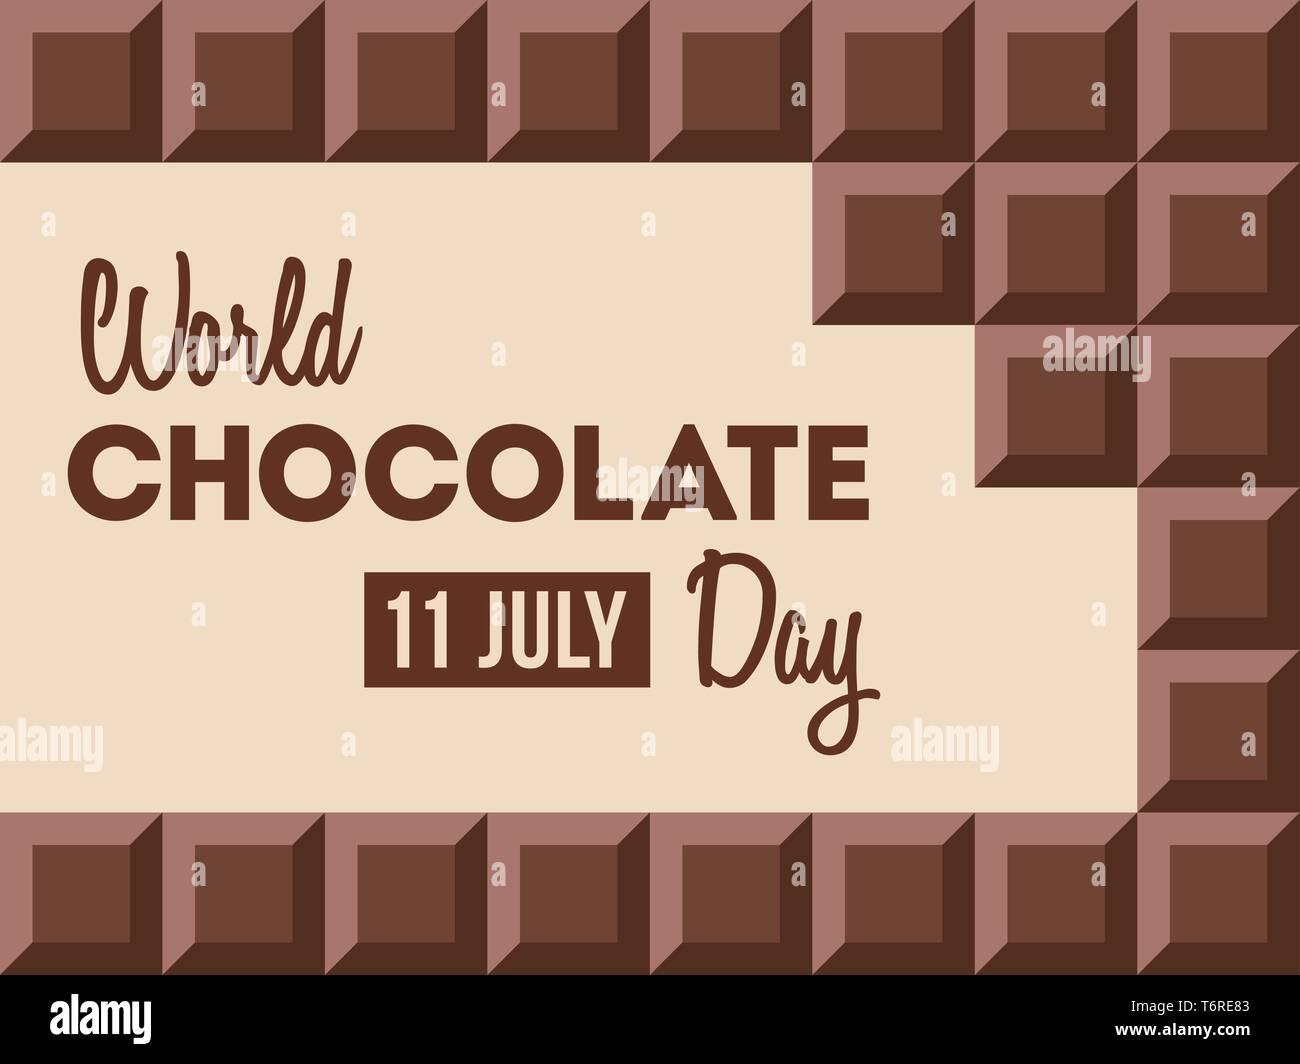 Día mundial del chocolate.11 de julio. Barras Сhocolate con texto en su interior. Diseño de carteles, banner, tarjeta de felicitación. Vector ilustración en color. Imagen De Stock